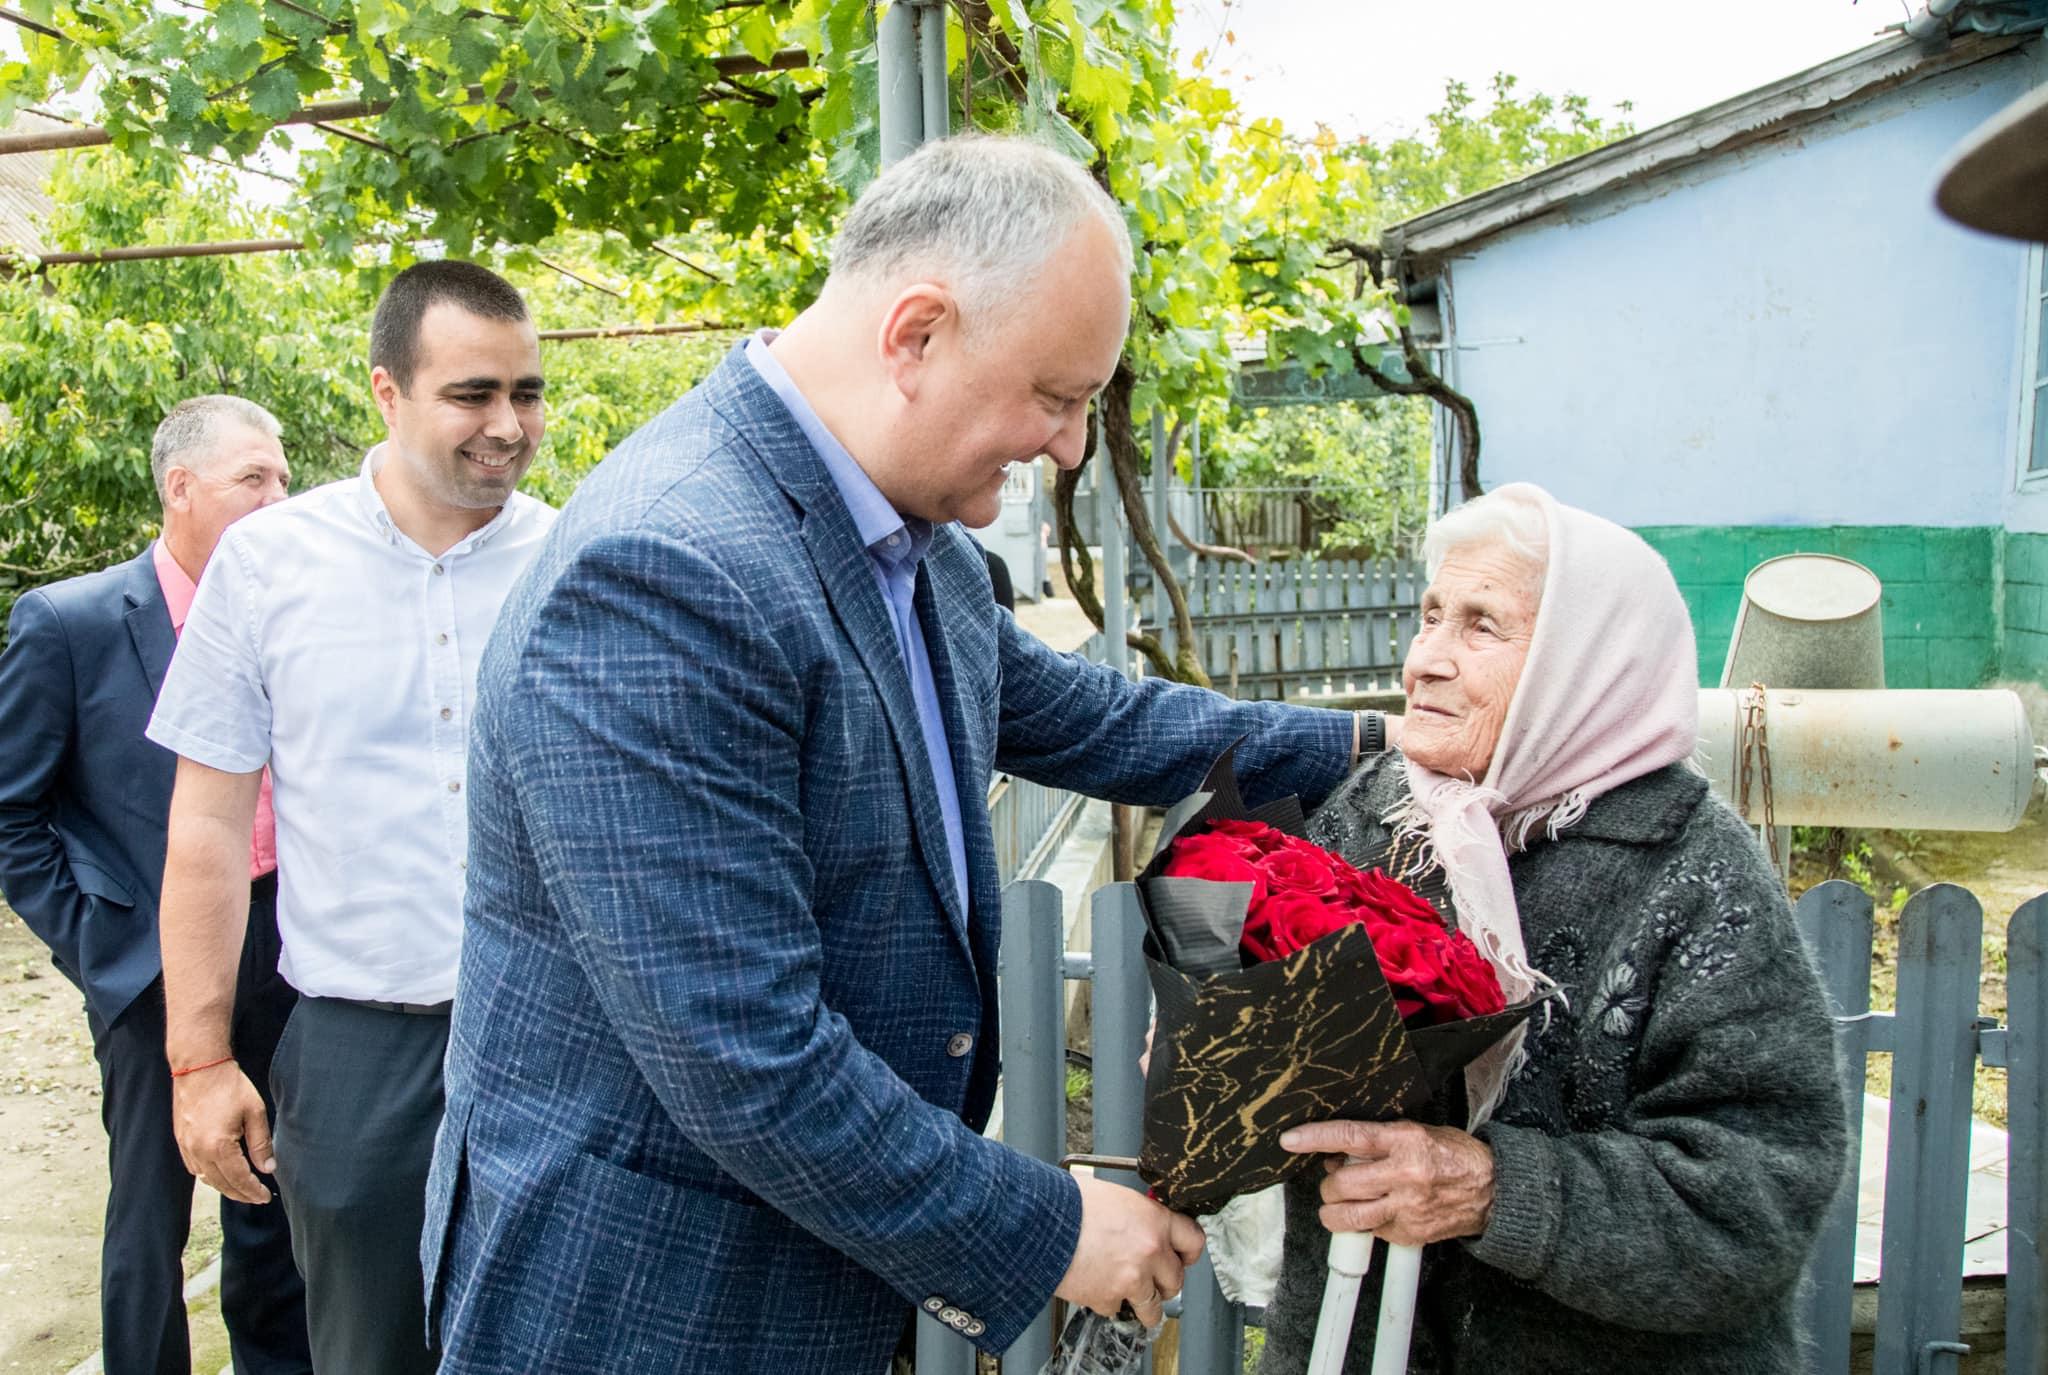 Игорь Додон поздравил живущих в Кагульском районе супругов-долгожителей и многодетные семьи (ФОТО, ВИДЕО)